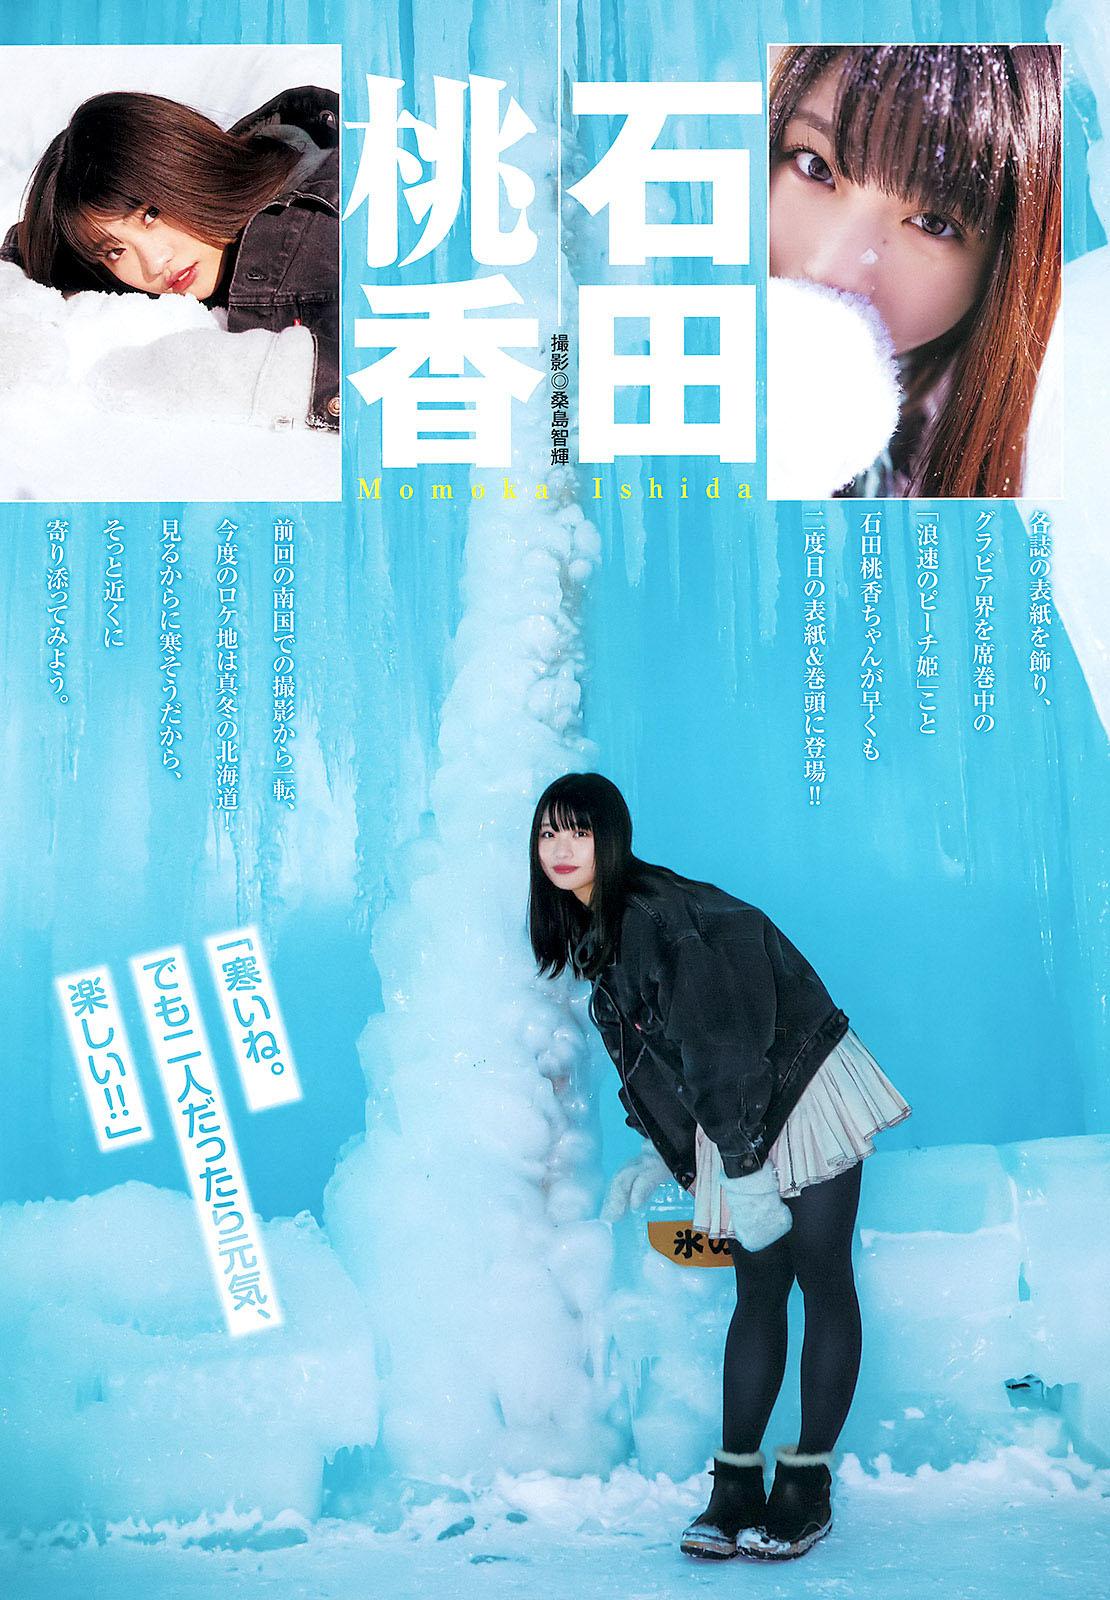 Ishida Momoka Young Jump 200312 03.jpg